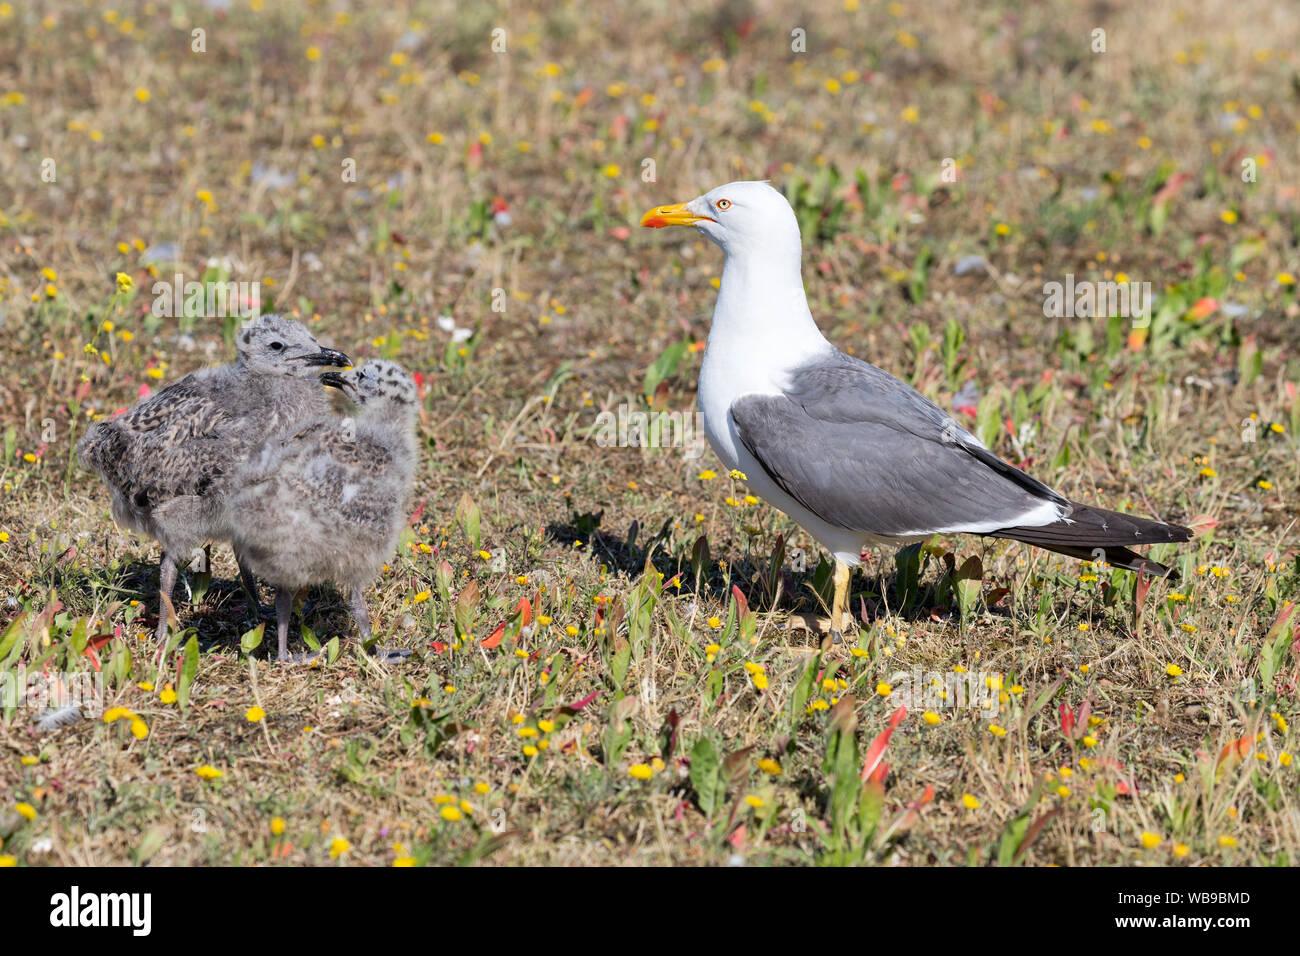 yellow-legged European herring gull (Larus argentatus) with chicks Stock Photo